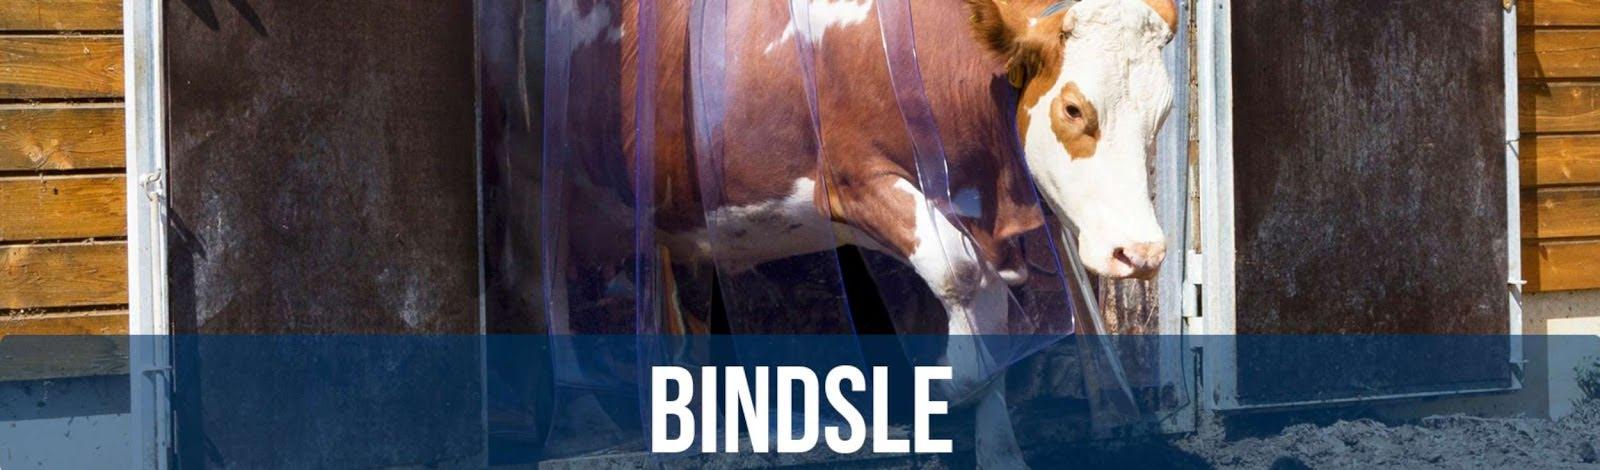 Bindsle